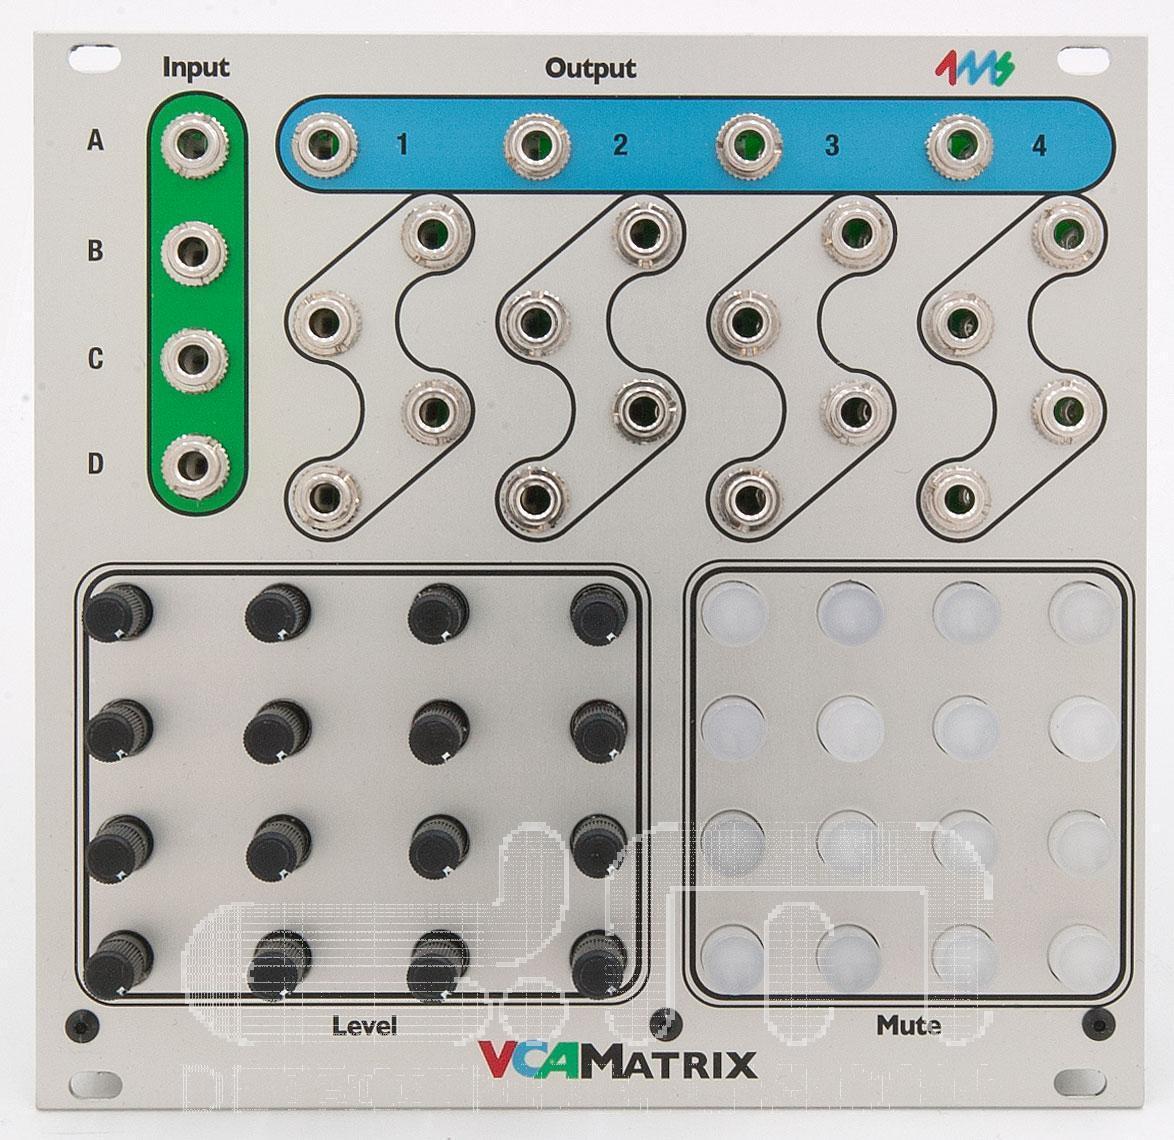 Sconto del 70% 4ms Vca Vca Vca Matrix  Eurorack Modulo  Nuovo Detroit Modulare]  comodamente